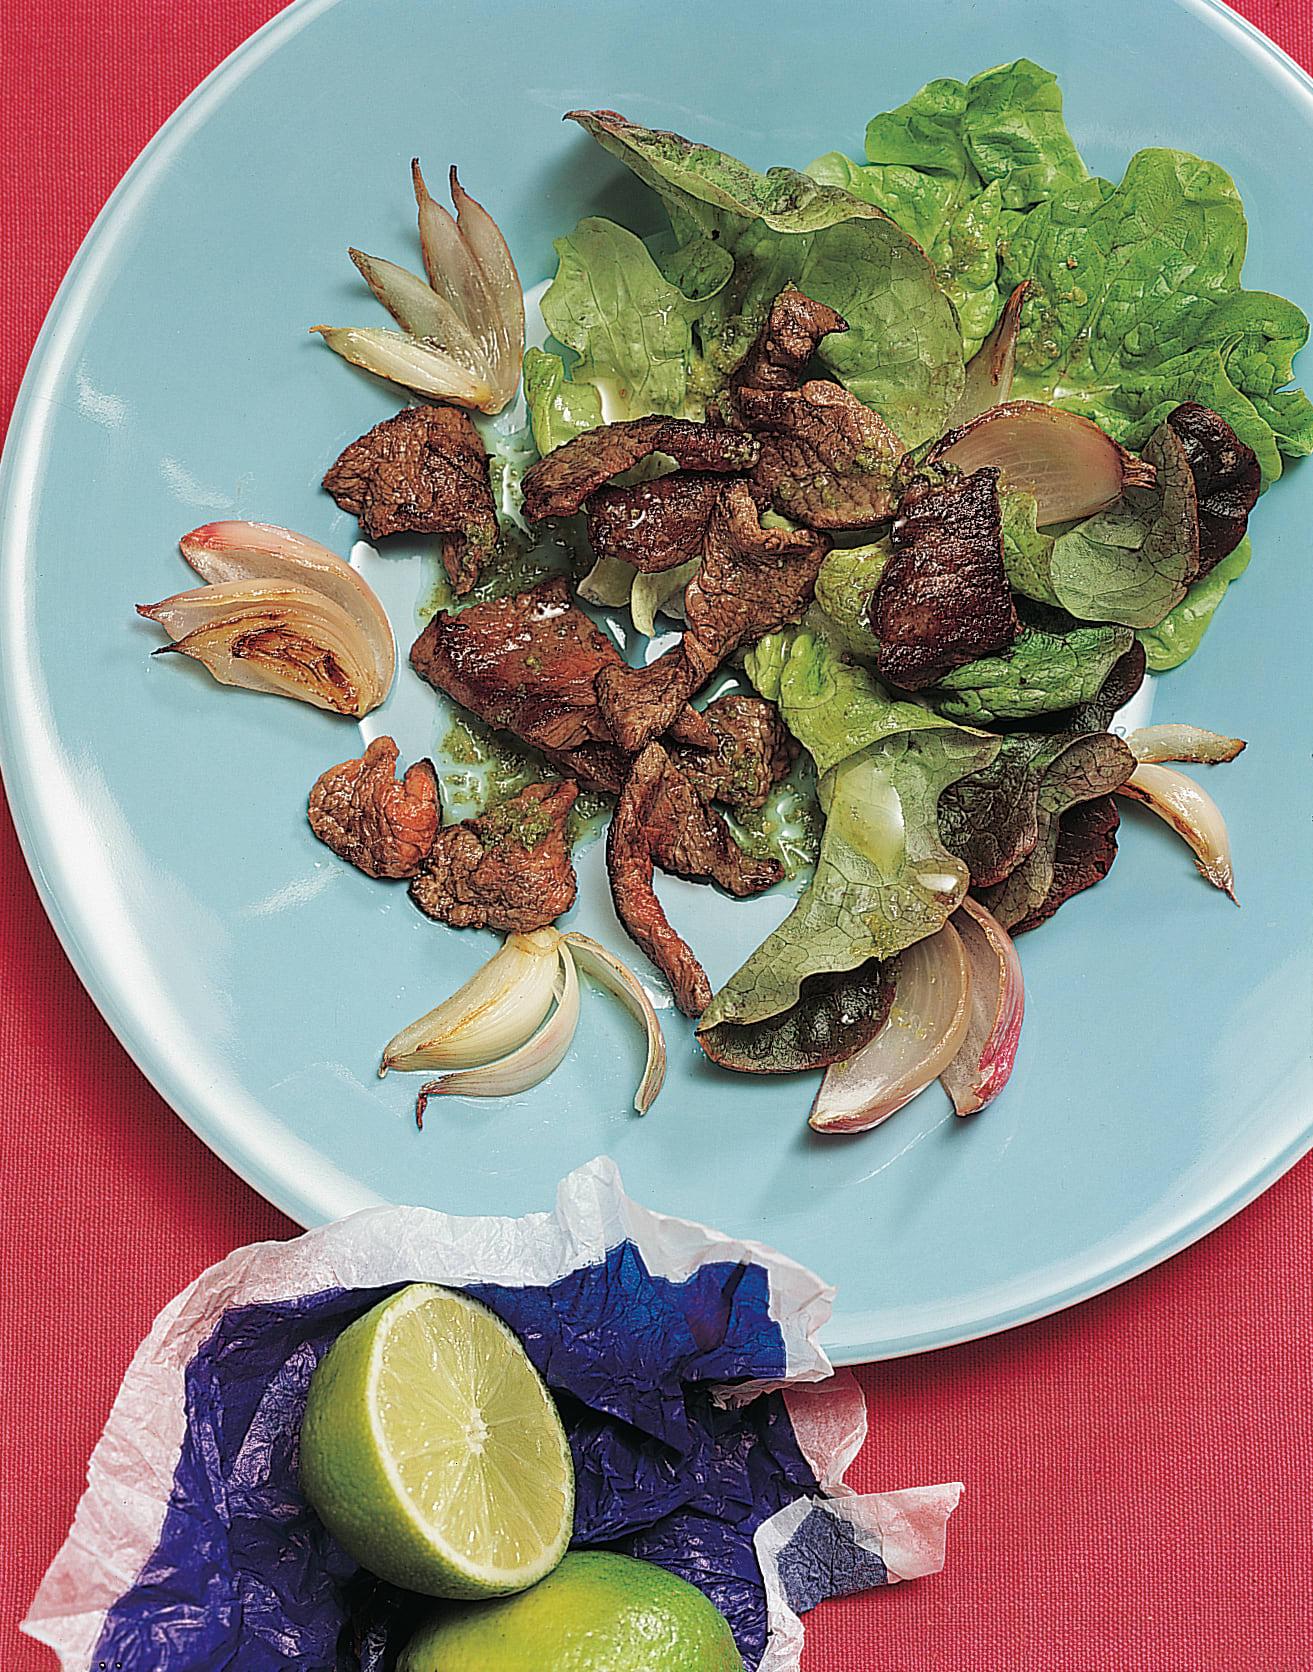 Limetten-Rindsgeschnetzeltes auf Salat